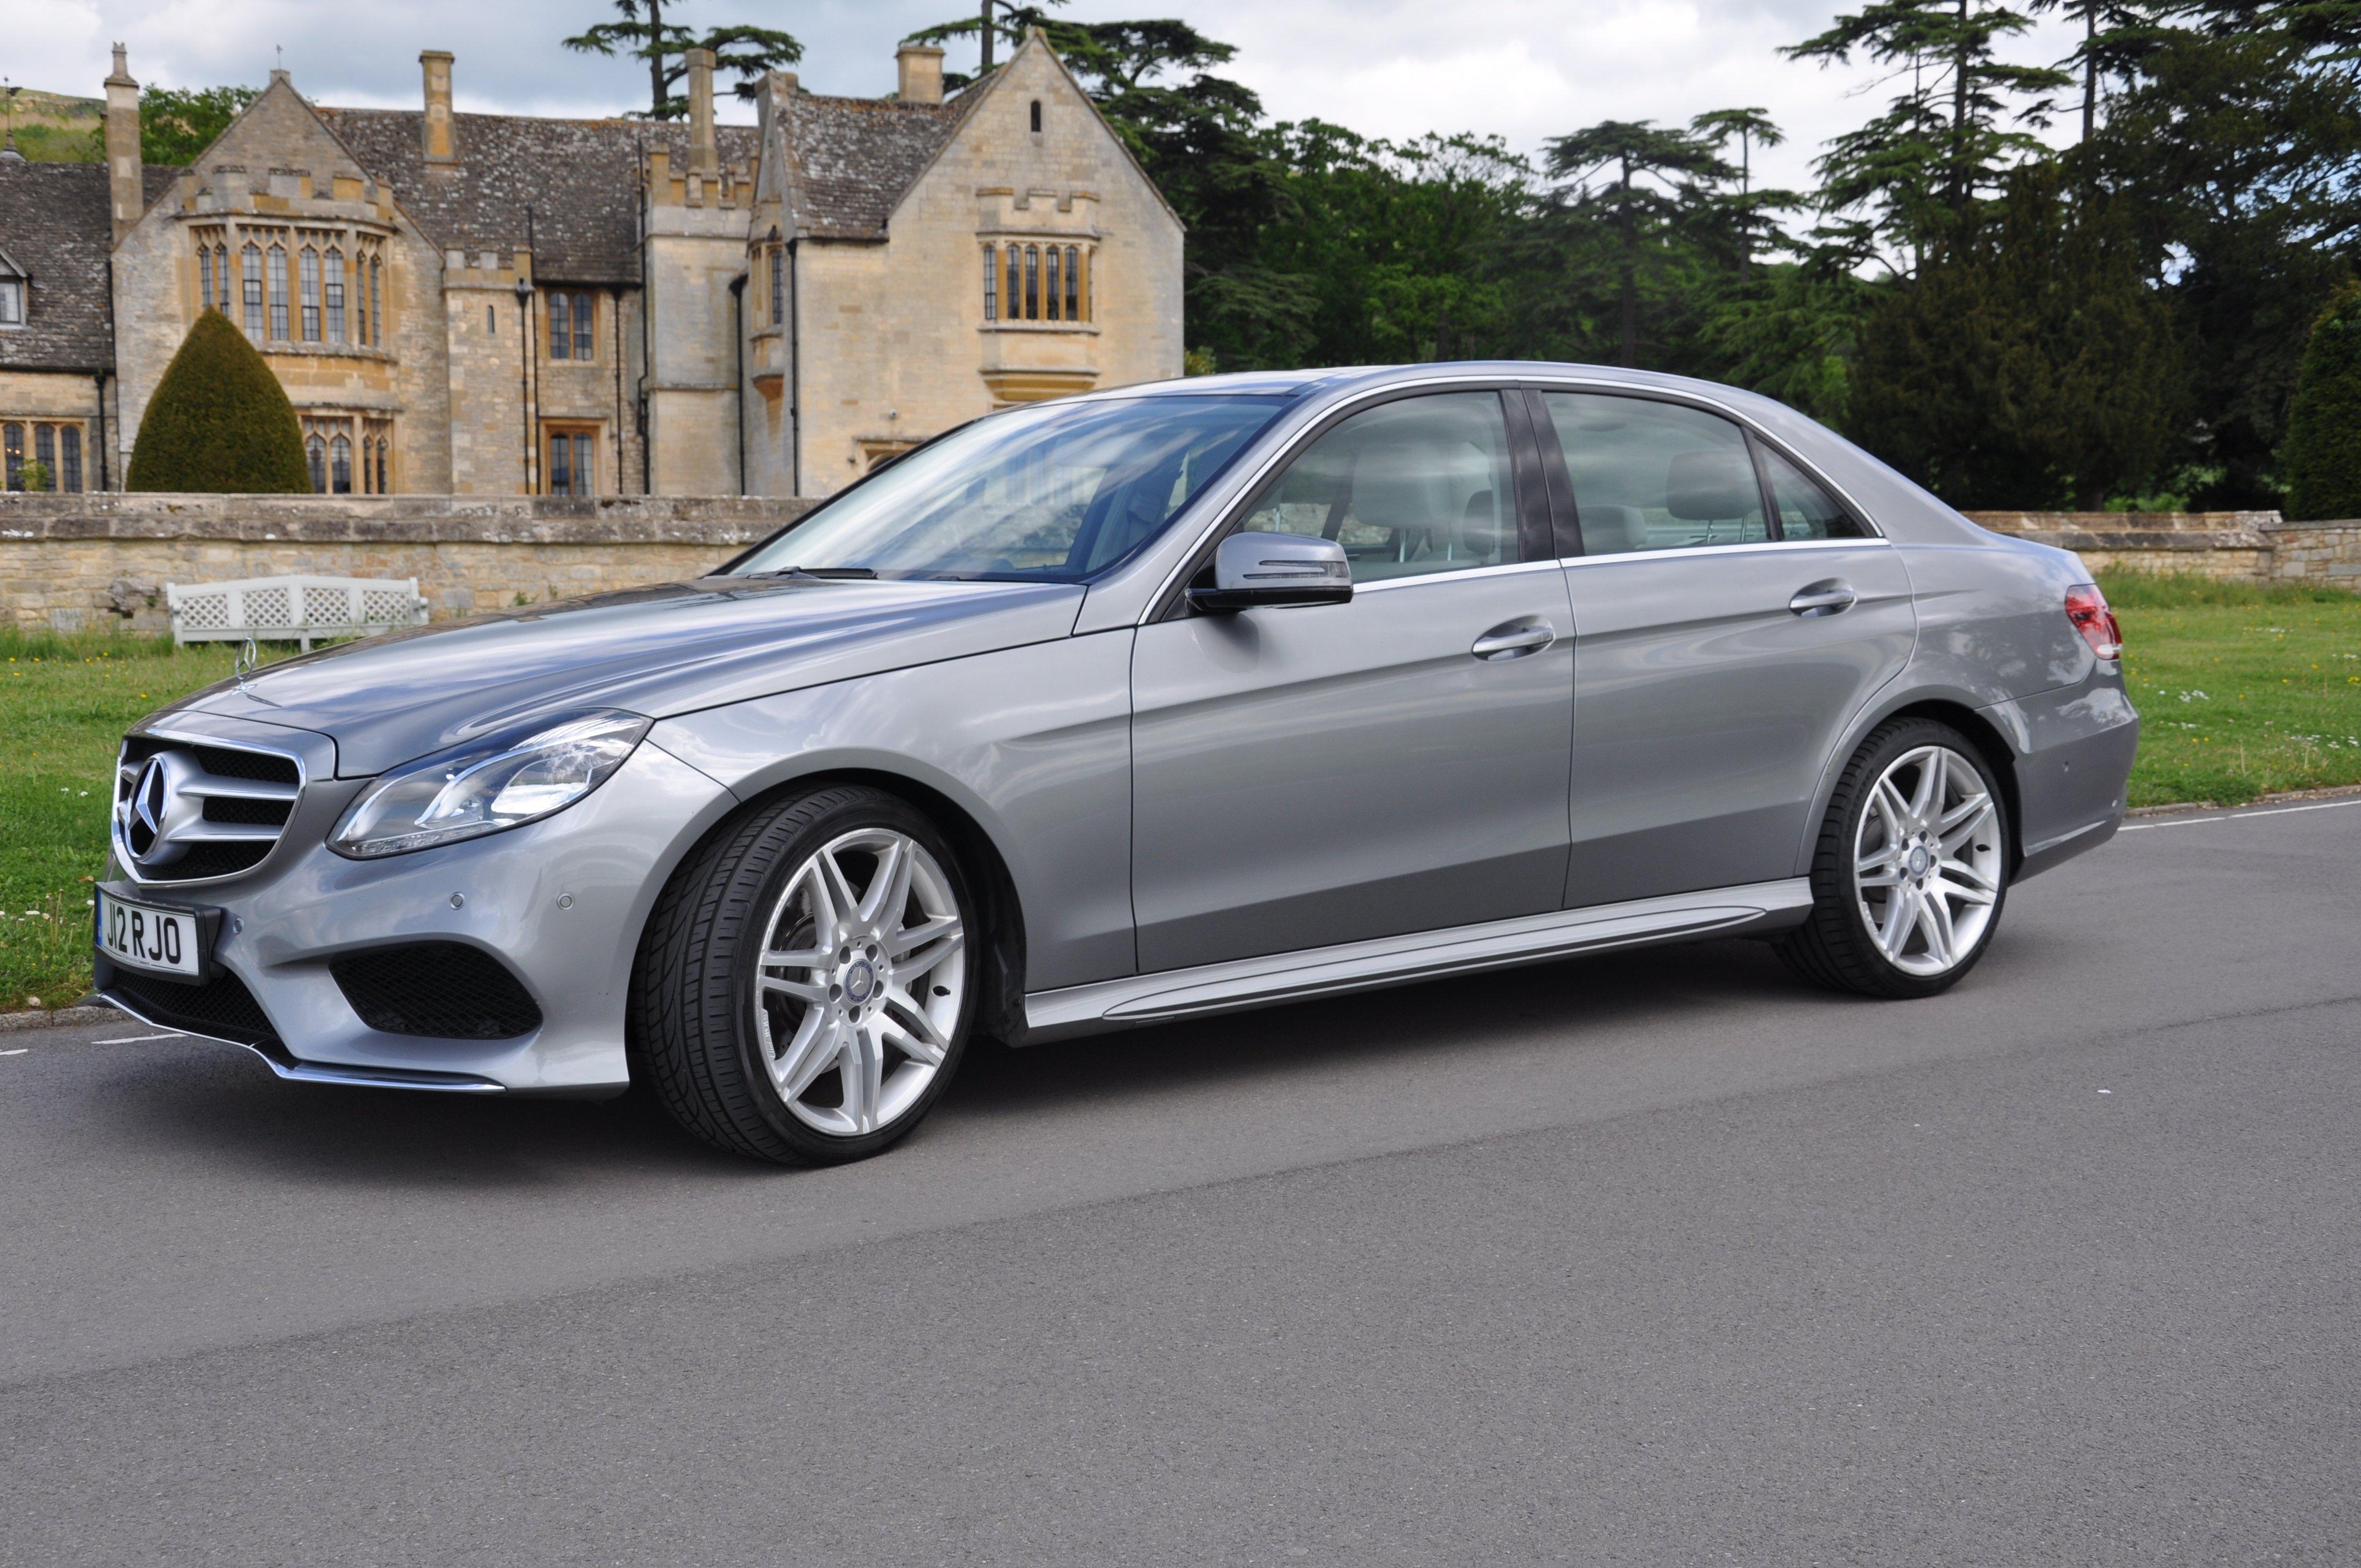 Mercedes chauffeur driven cars